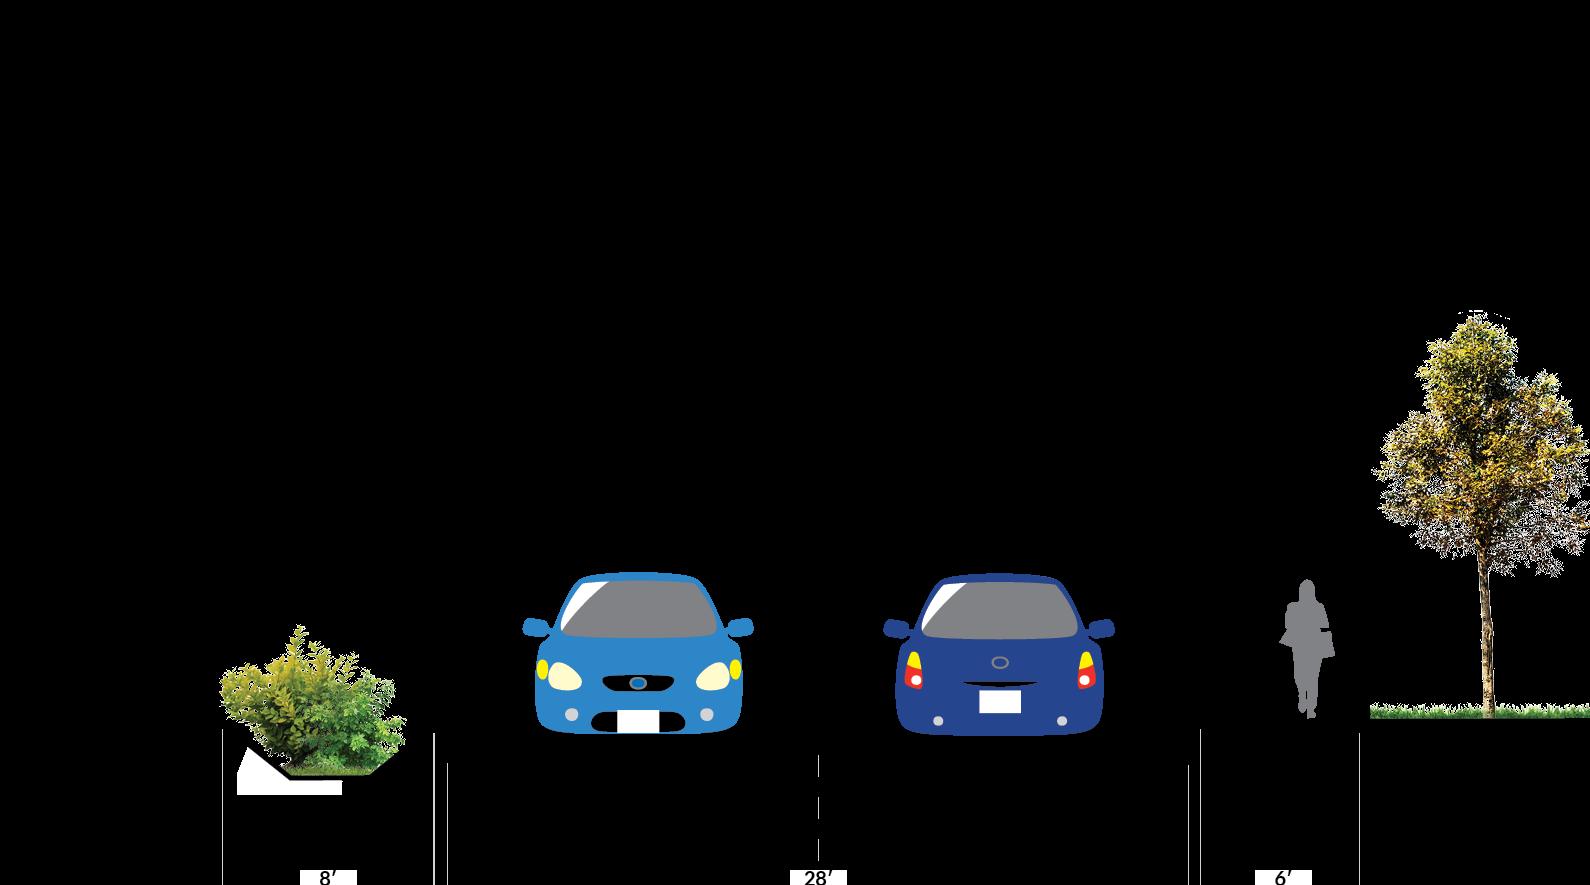 南208街(South 208th Street)和南204街(South 204th Street)将通过新的人行道, 路缘和地沟以及街道树木得到改善。